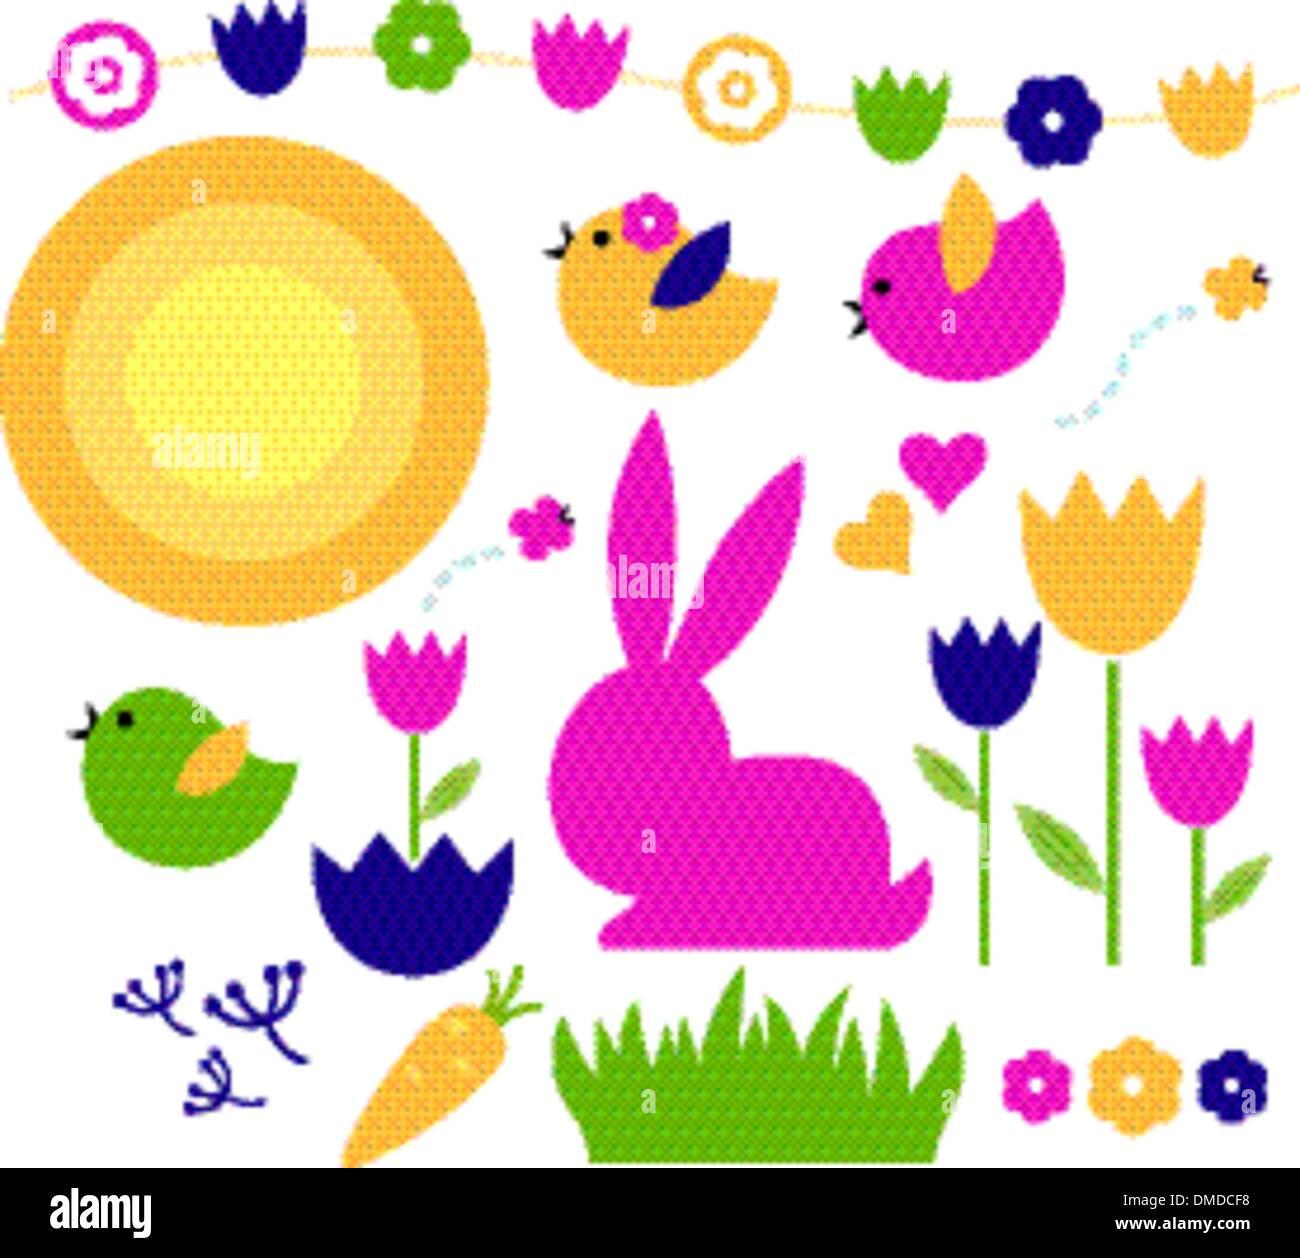 Clip Art & Illustration Stockfotos & Clip Art & Illustration Bilder ...